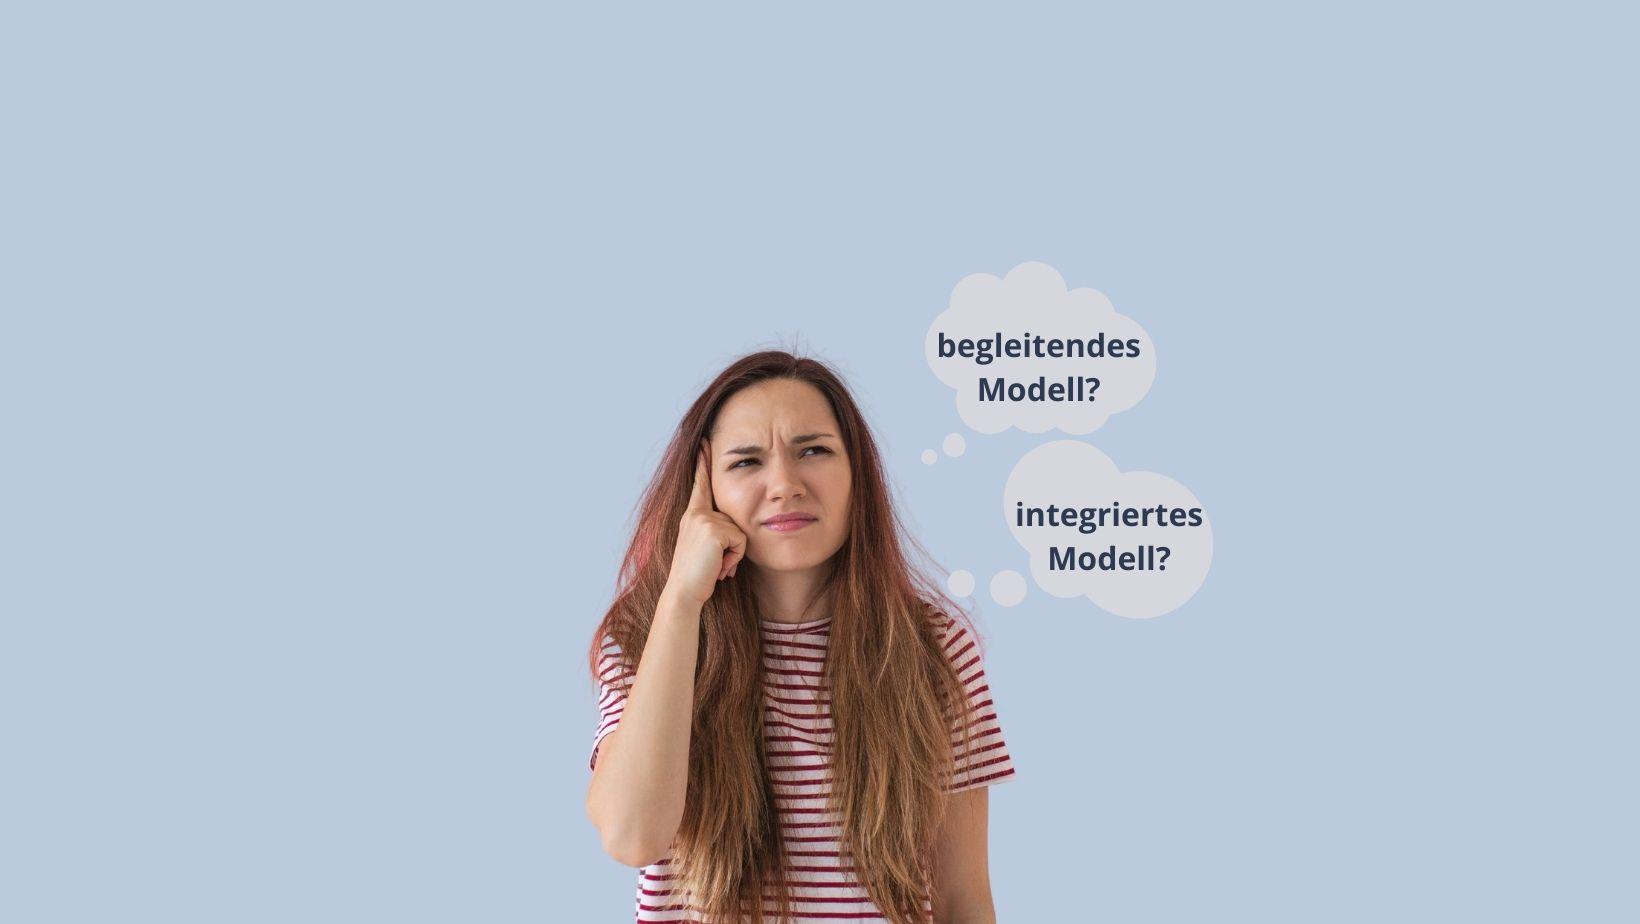 Das Bild zeigt eine junge Frau, die sich überlegt, für welches Modell von der Lehre PLUS Matura sie sich entscheiden soll.